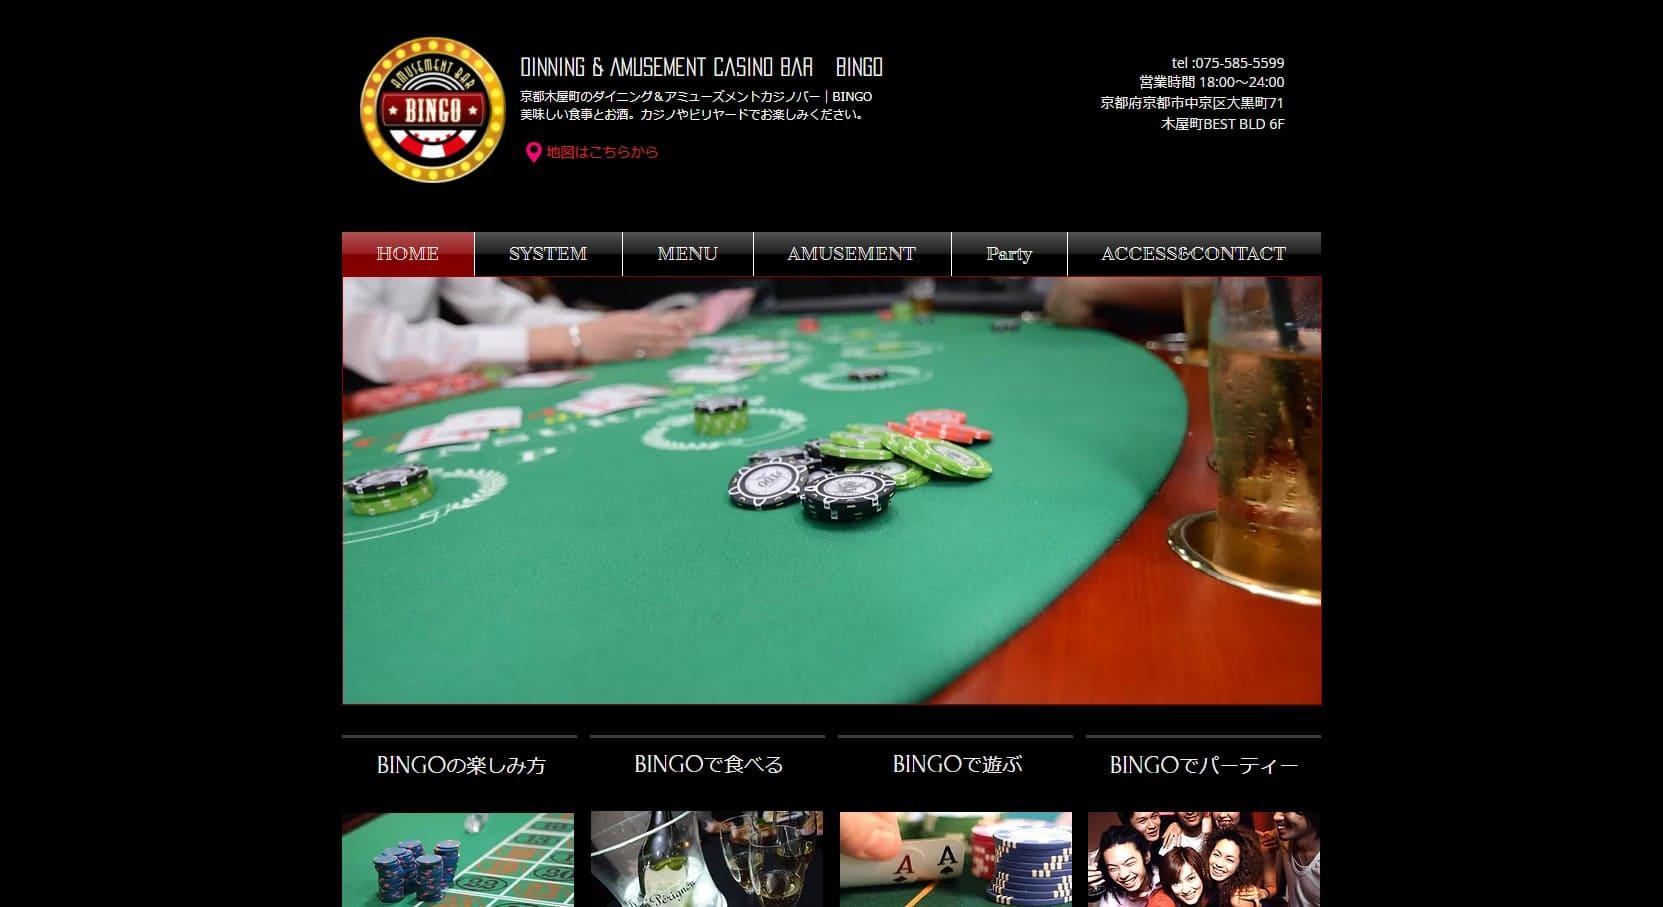 AMUSEMENT CASINO BAR BINGOのウェブサイト画像。